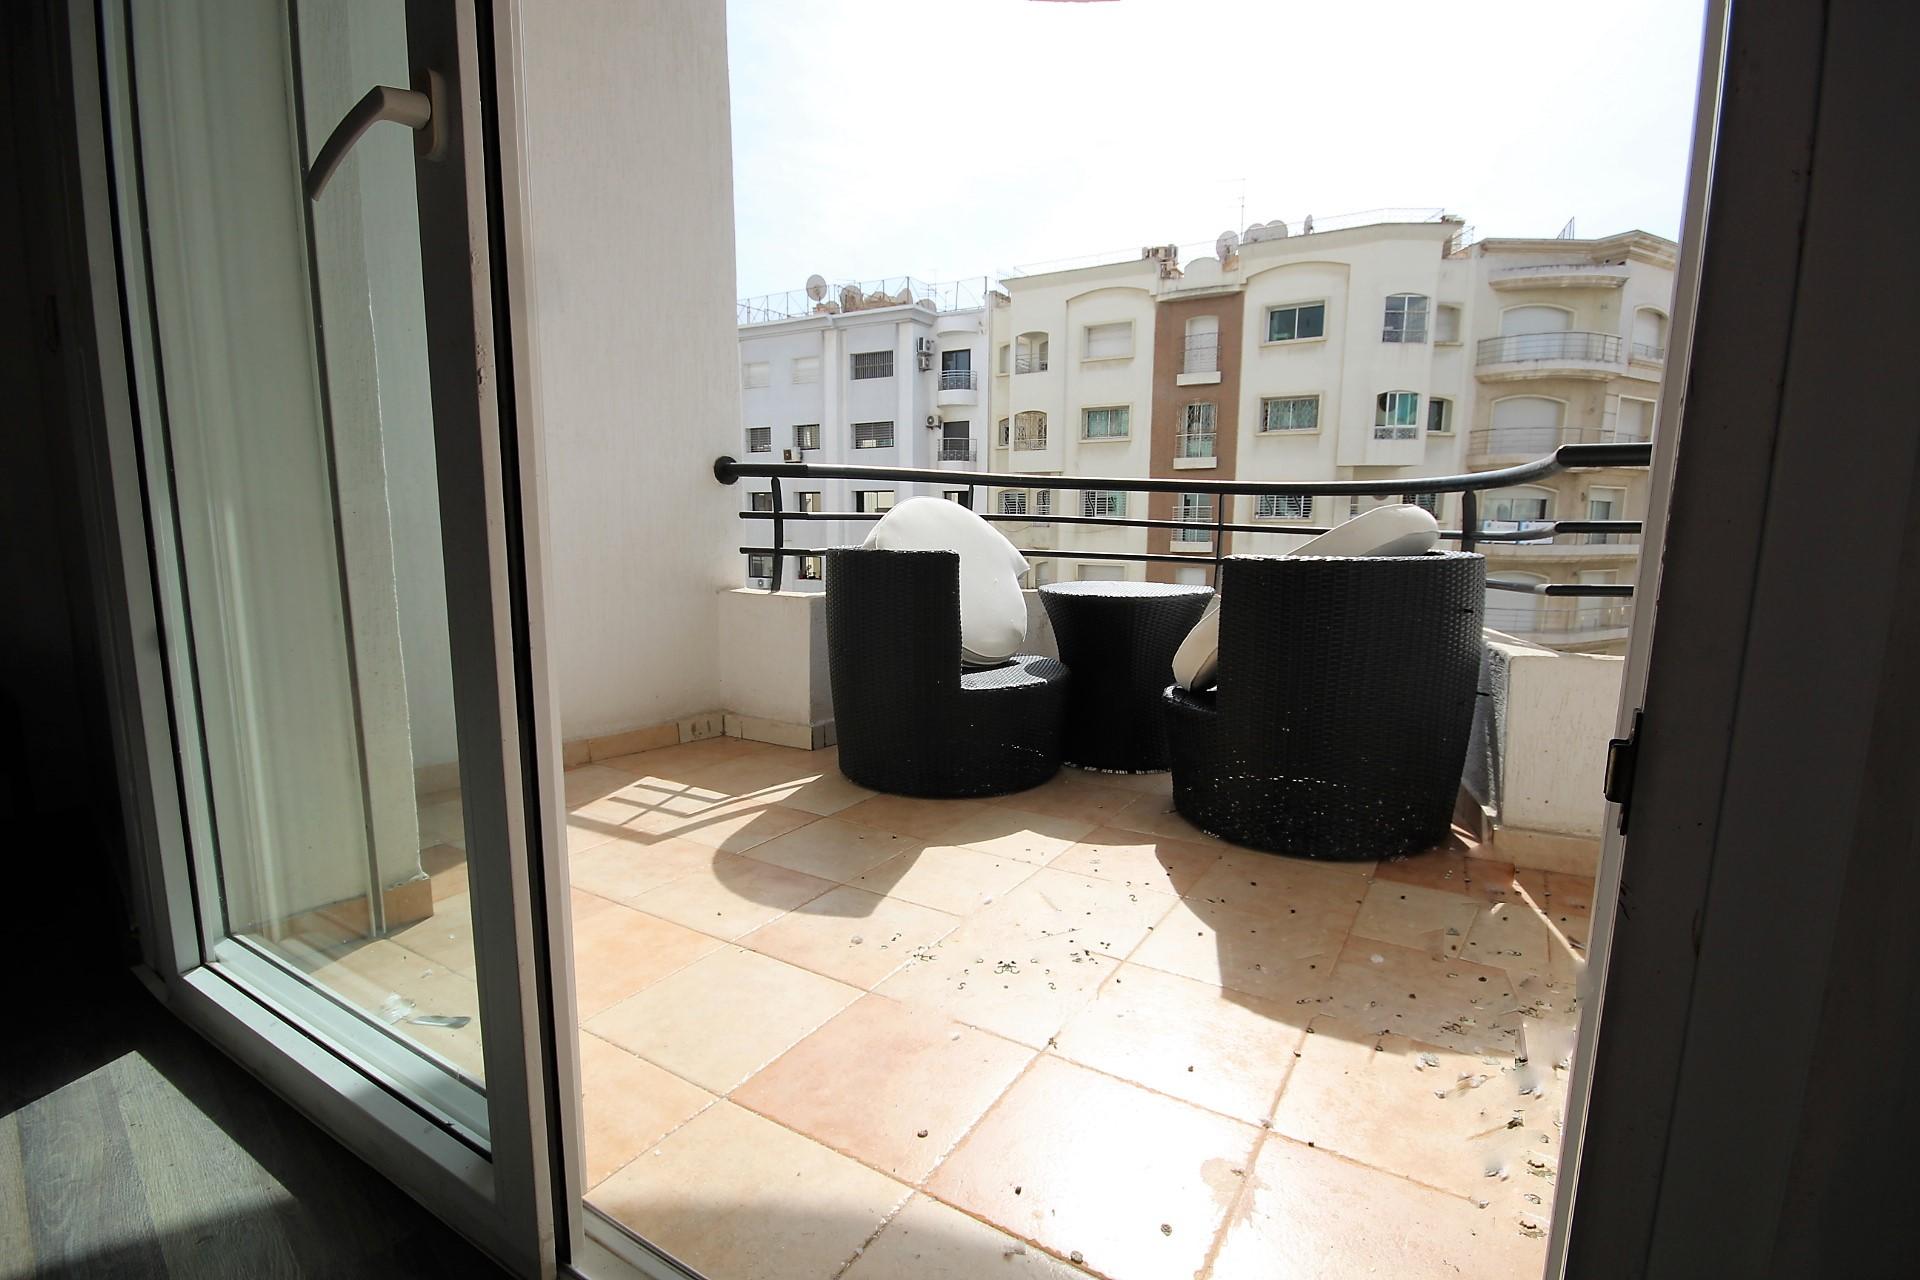 Maroc, Casablanca, en cœur du Triangle d'or, à saisir appartement en parfait état de 141 m²